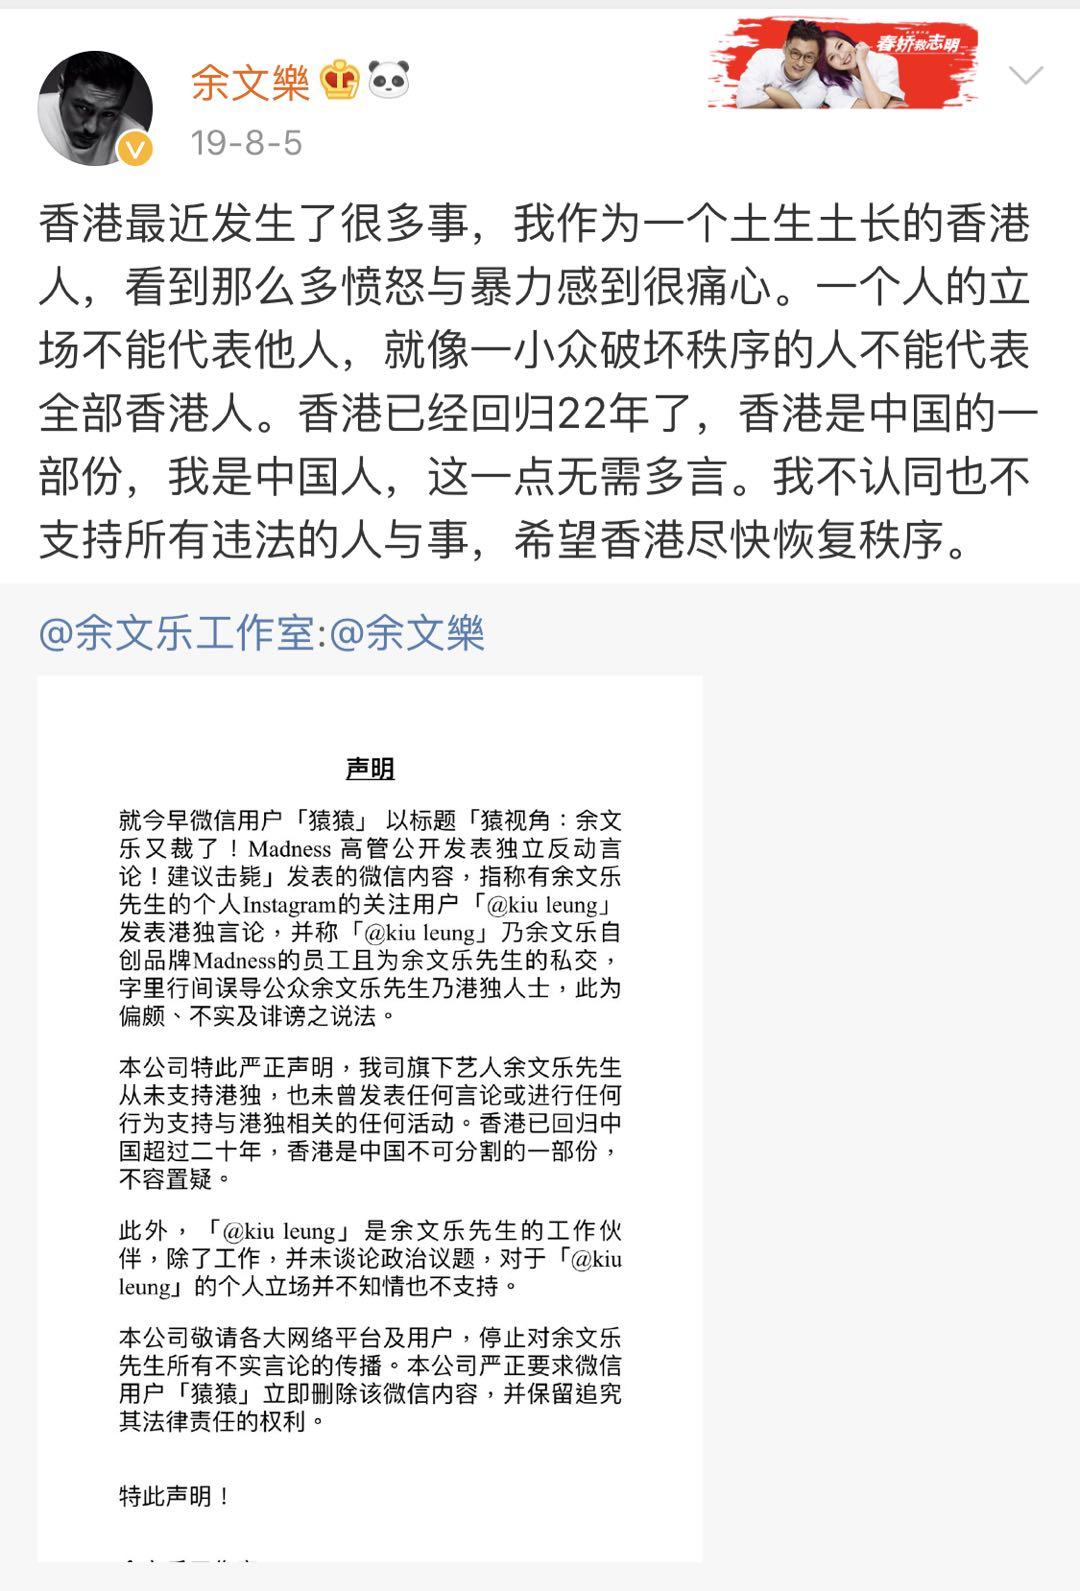 """又被质疑支持""""港独"""",余文乐回应:对抹黑行为表示鄙视和愤怒"""